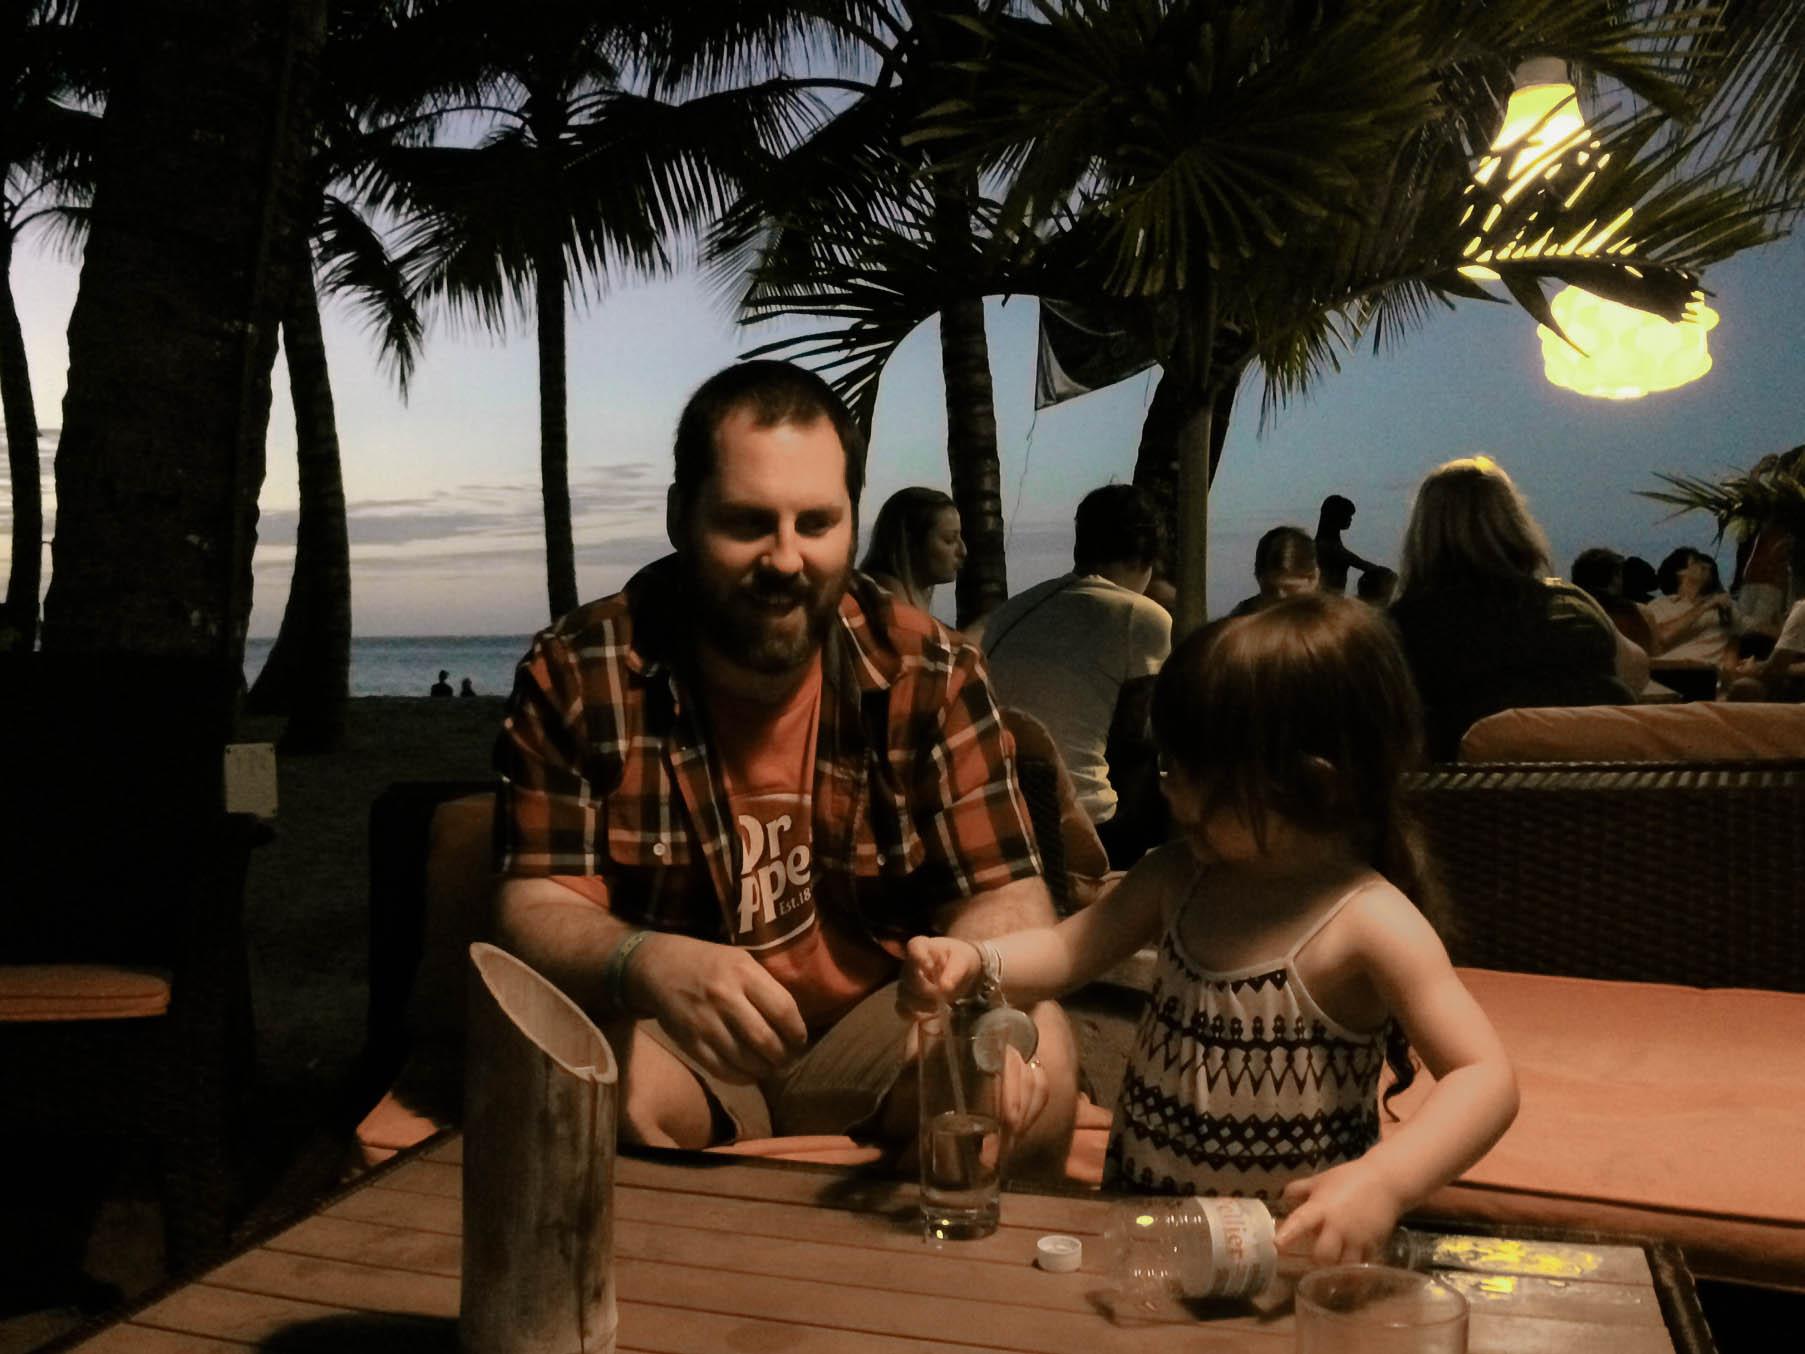 cabarete dominican republic lune blog (25 of 27).jpg